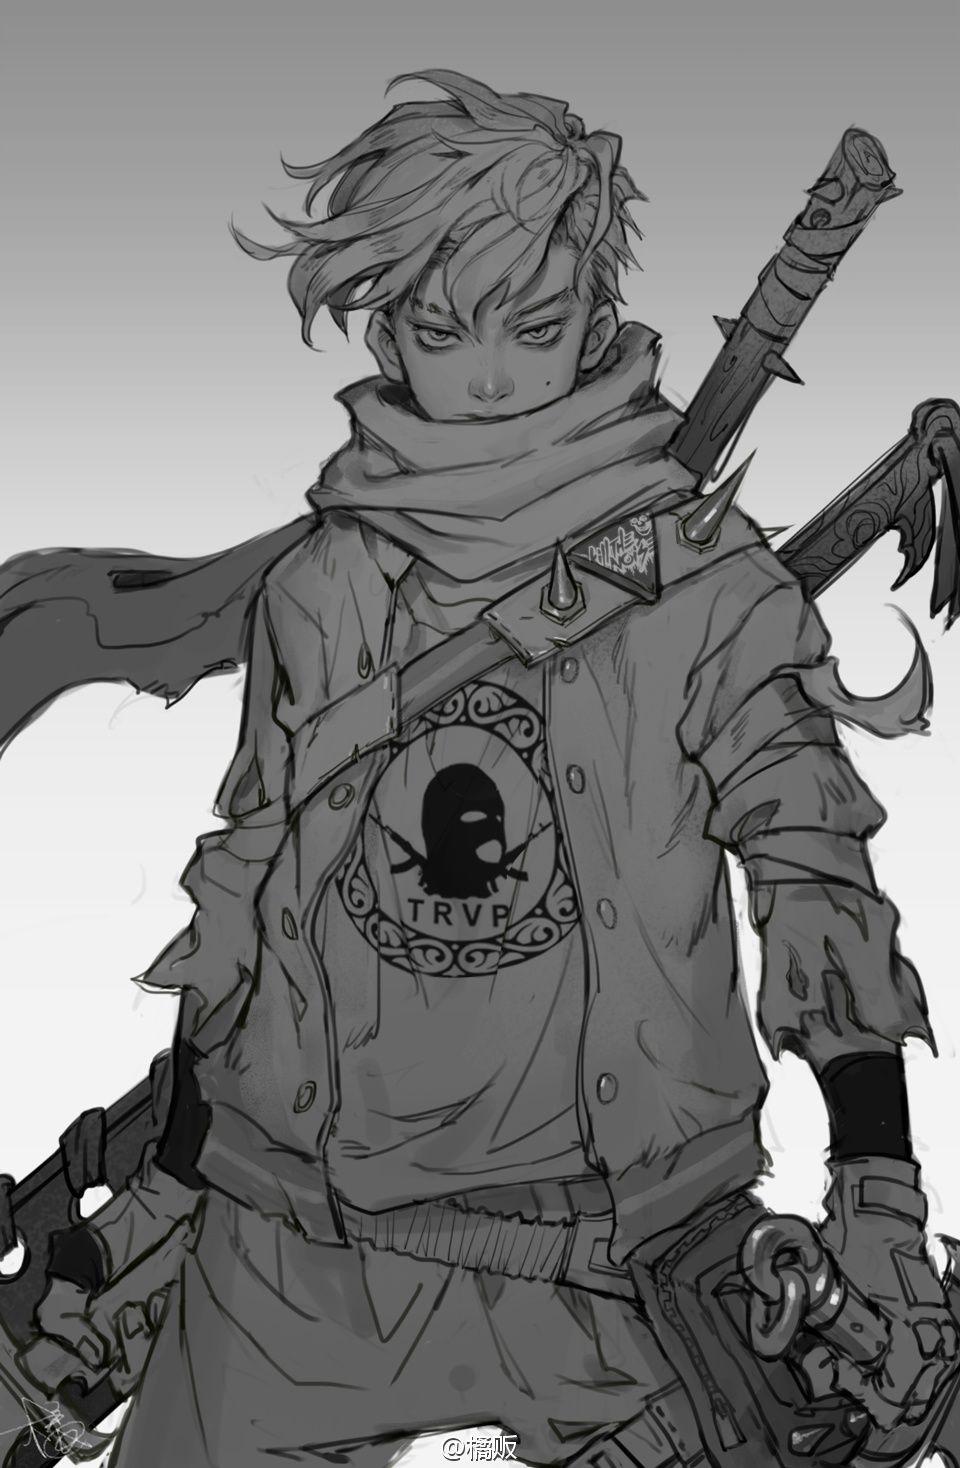 橘贩 橘贩的微博 プロダクトスケッチ、アニメキャラクター、キャラクターデザイン